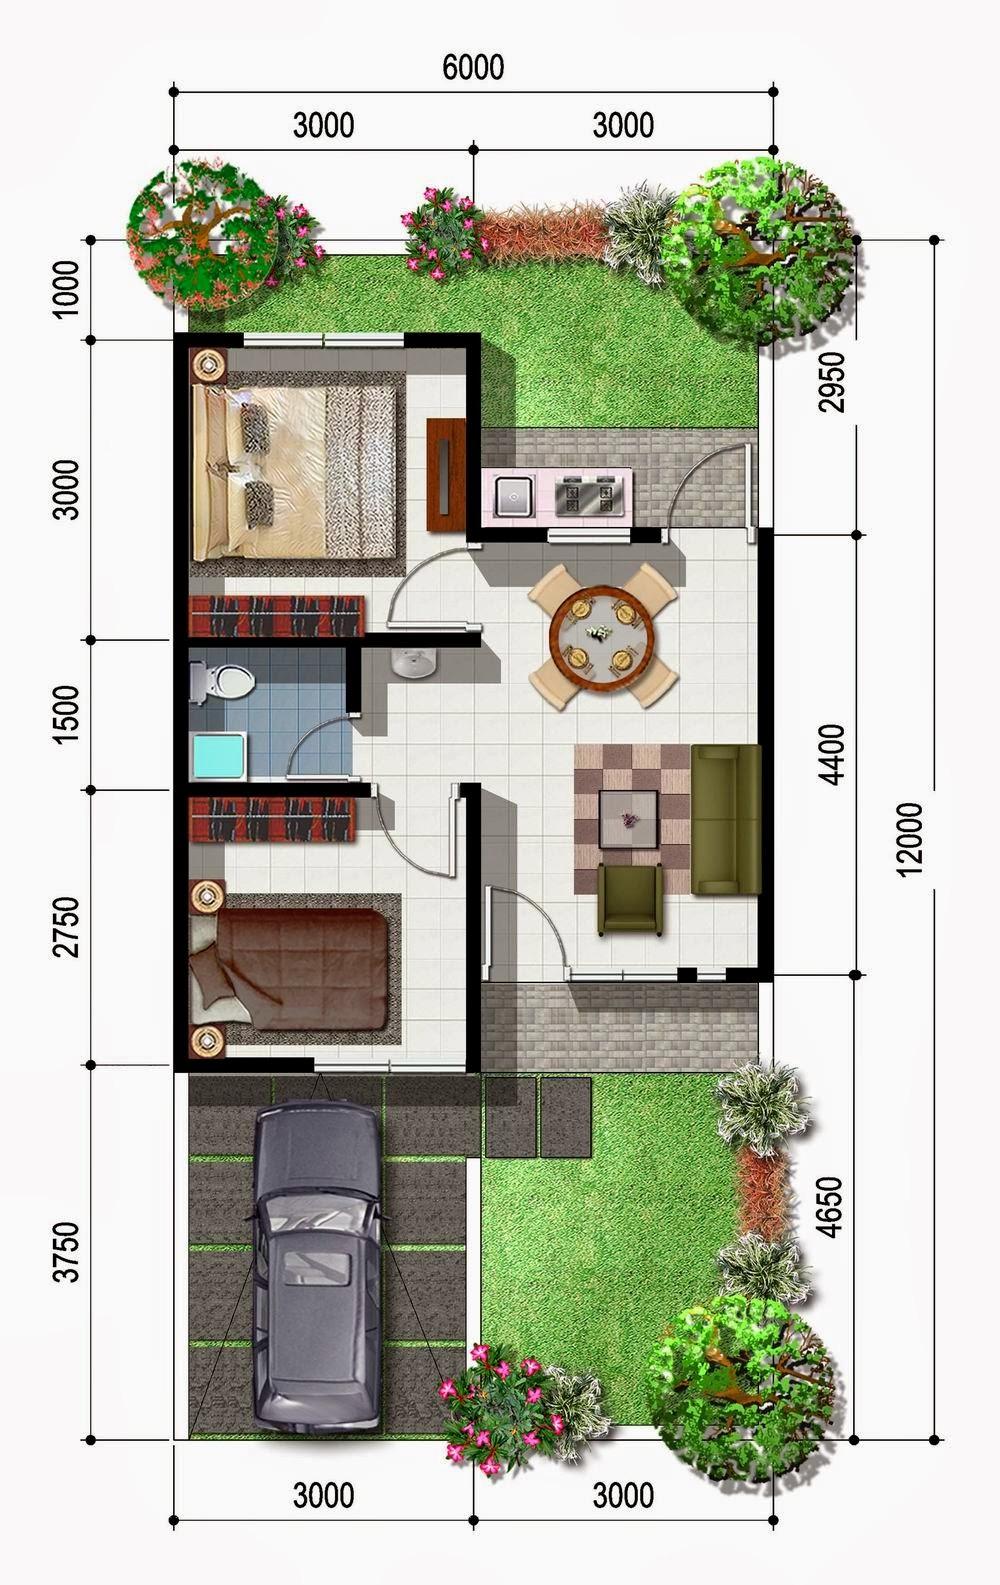 gambar denah rumah sederhana lengkap 3